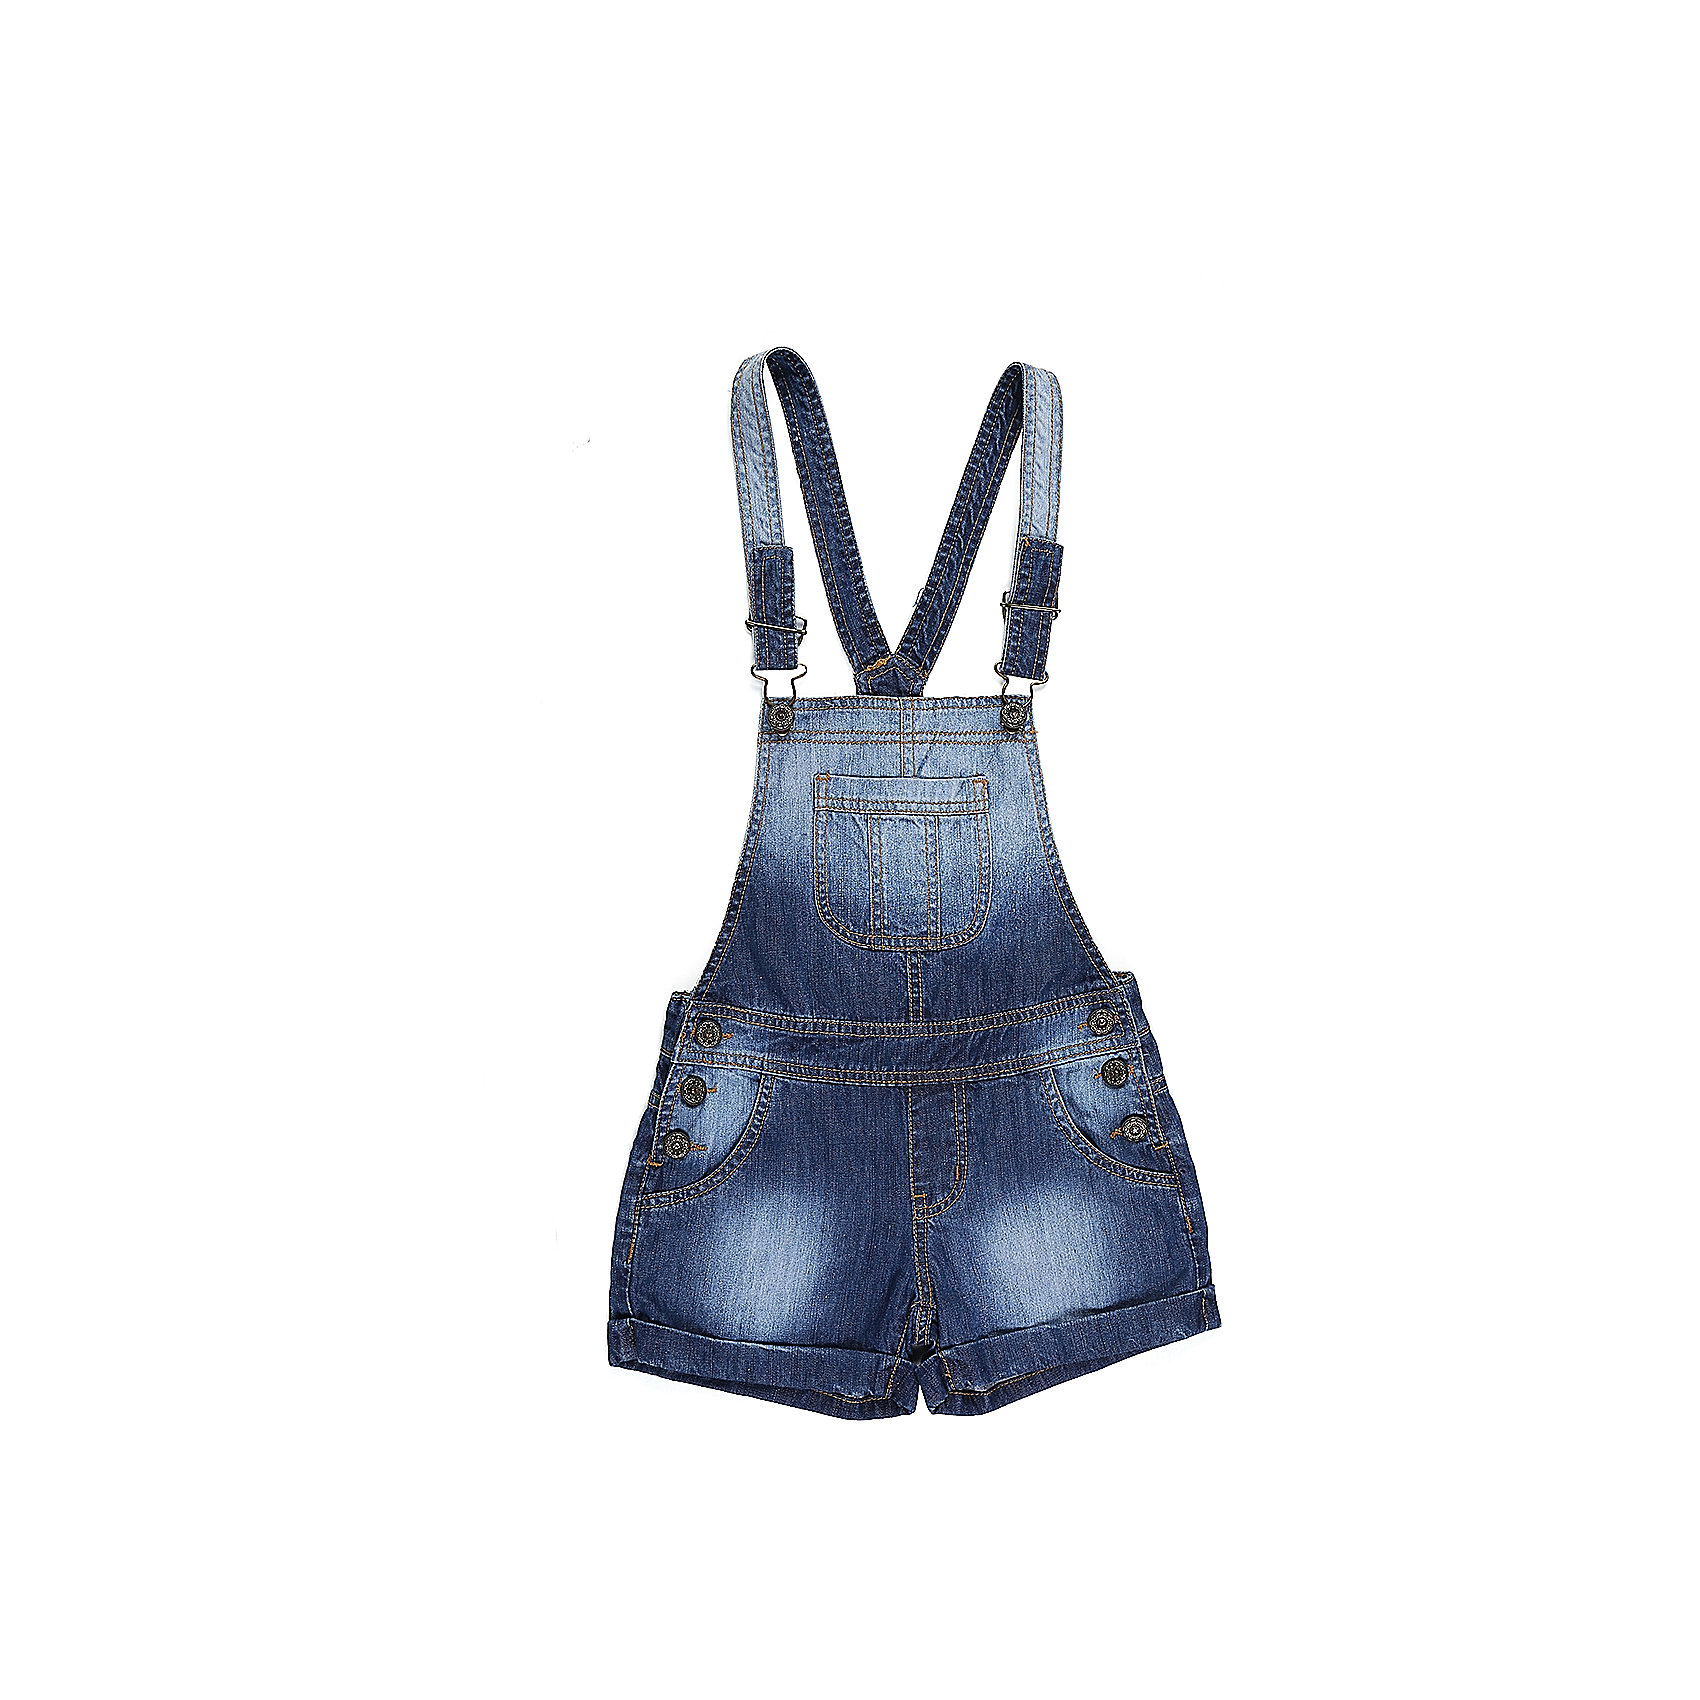 Комбинезон джинсовый для девочки LuminosoДжинсовая одежда<br>Джинсовый полукомбинезон для девочки на регулируемых бретелях в оригинальной варке.<br>Состав:<br>100%хлопок<br><br>Ширина мм: 215<br>Глубина мм: 88<br>Высота мм: 191<br>Вес г: 336<br>Цвет: синий<br>Возраст от месяцев: 108<br>Возраст до месяцев: 120<br>Пол: Женский<br>Возраст: Детский<br>Размер: 140,134,146,152,158,164<br>SKU: 5413270